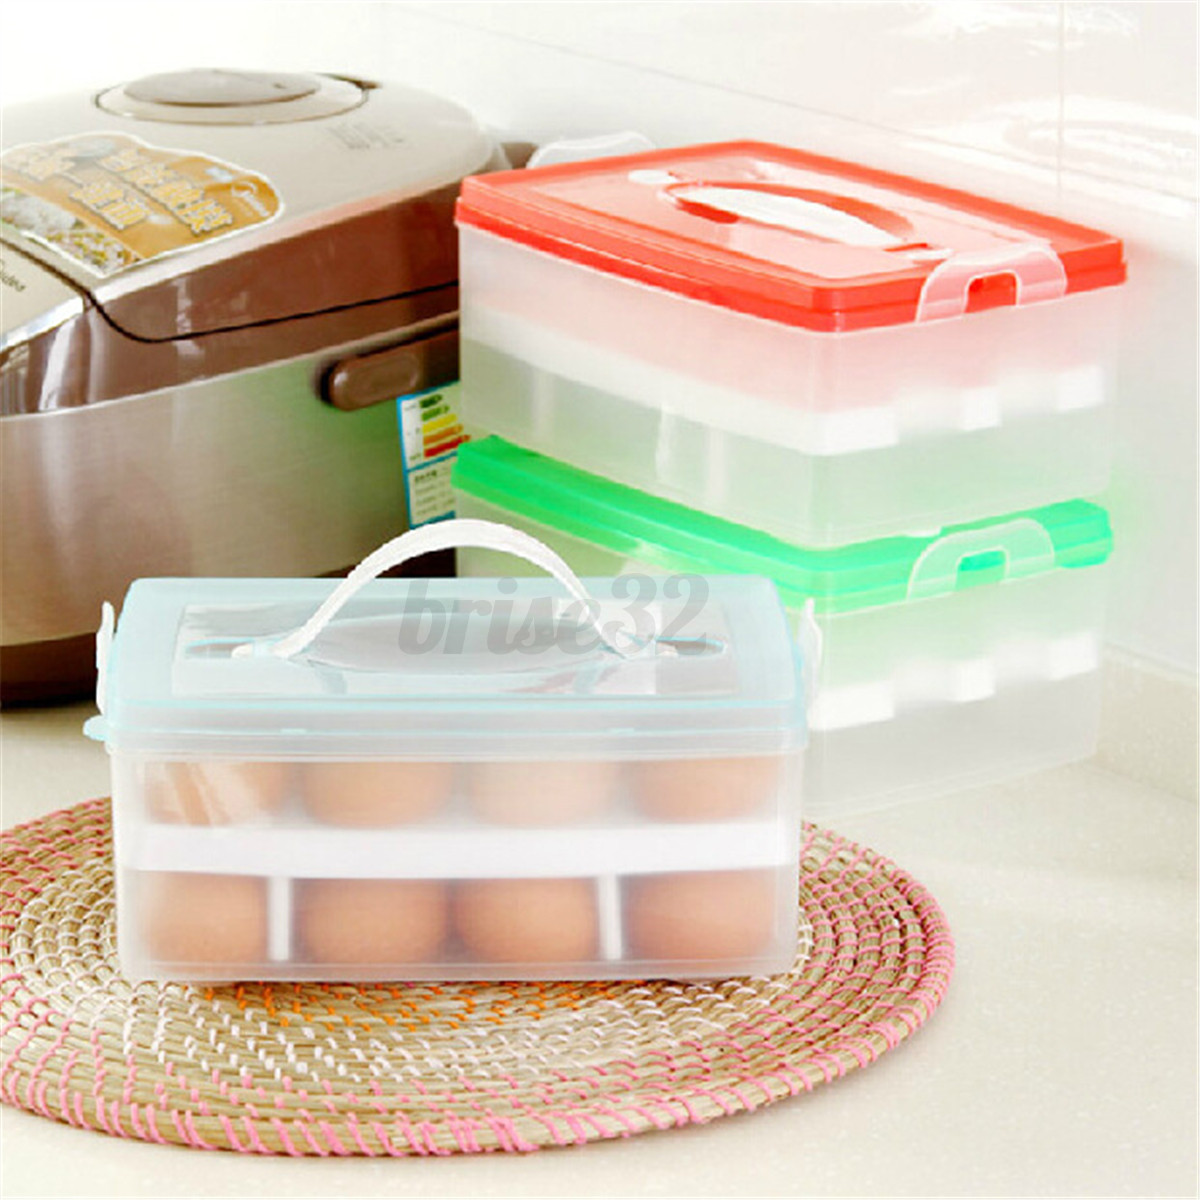 Plastic Double Layer Kitchen Storage Organizer Egg Holder